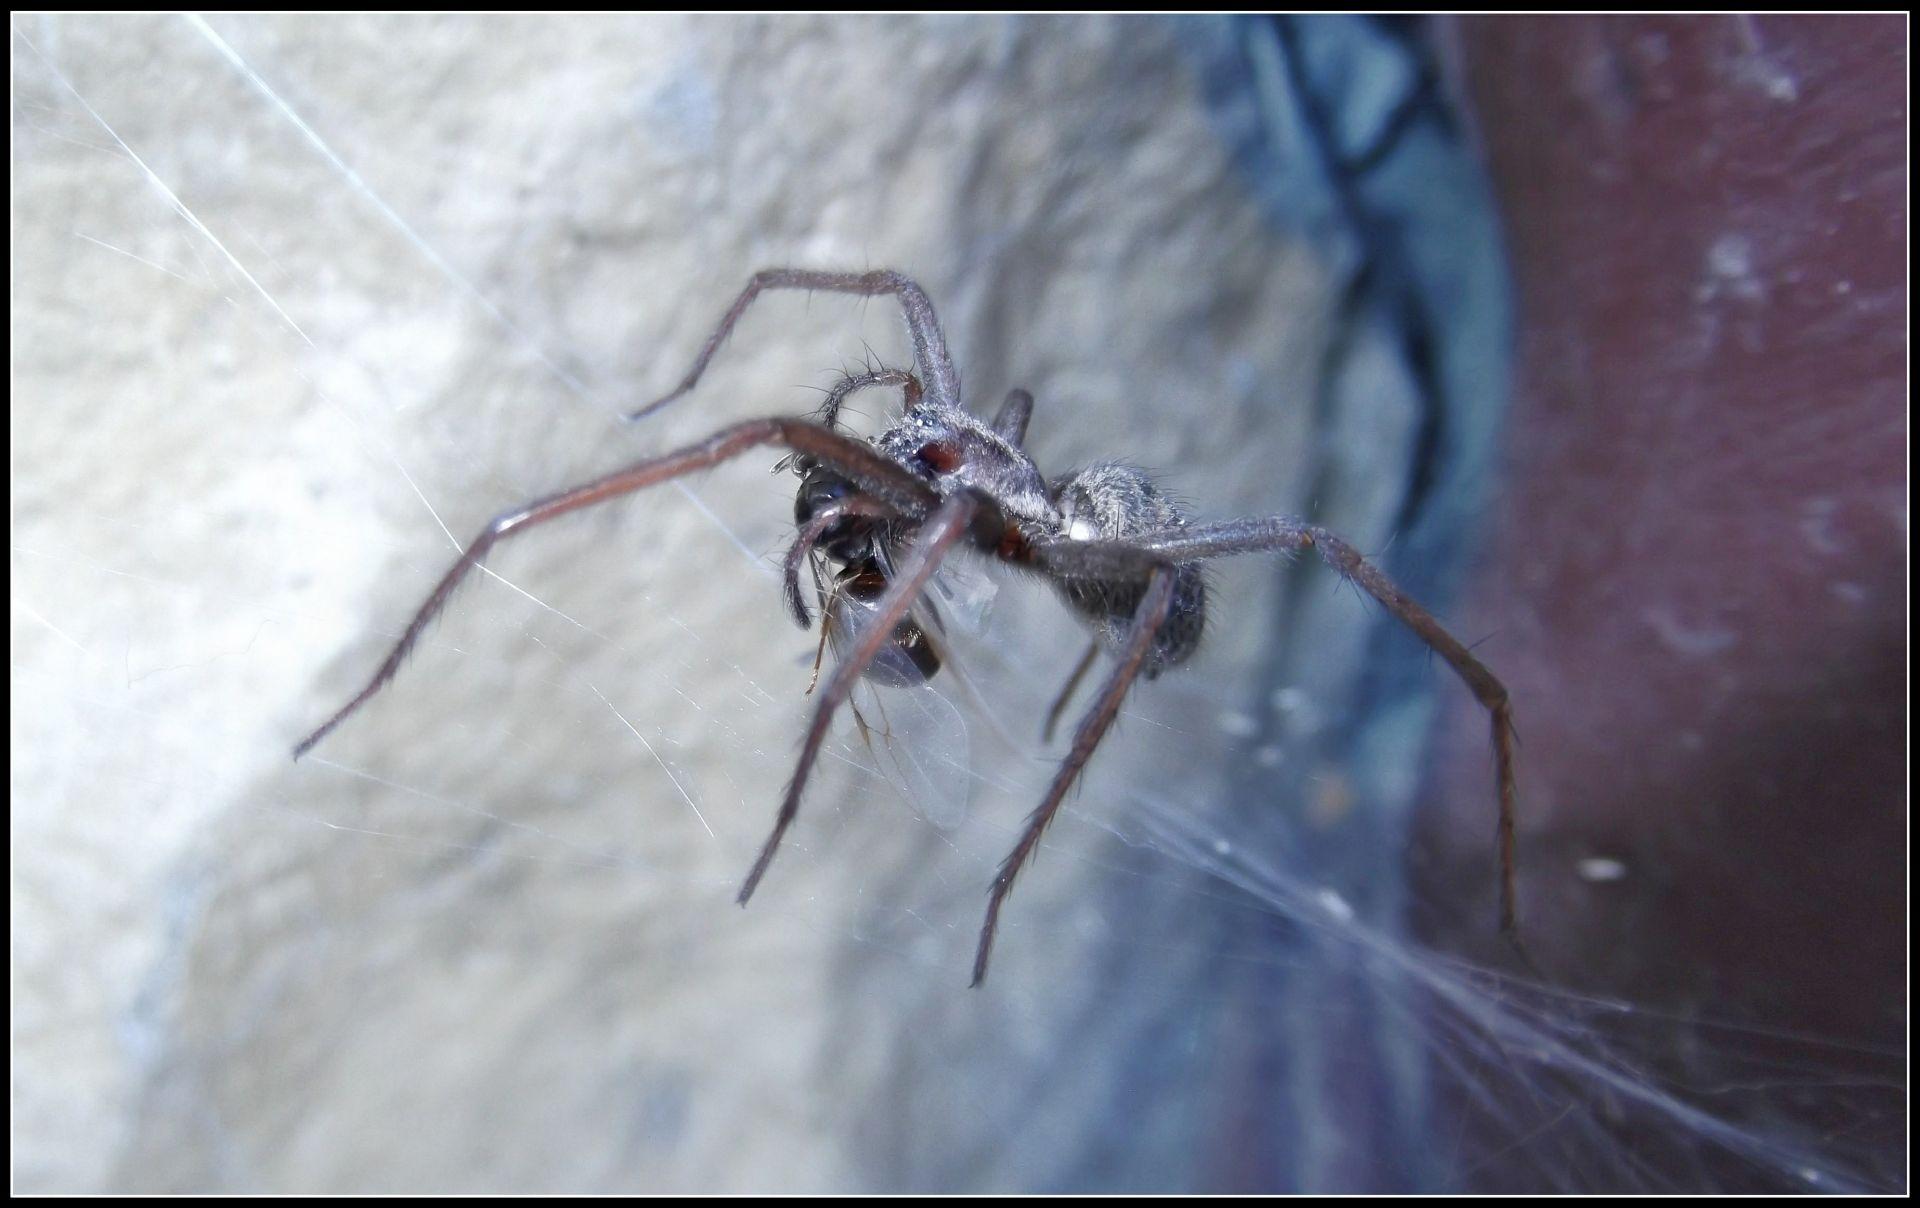 Królowa Lasius niger w sieci pająka